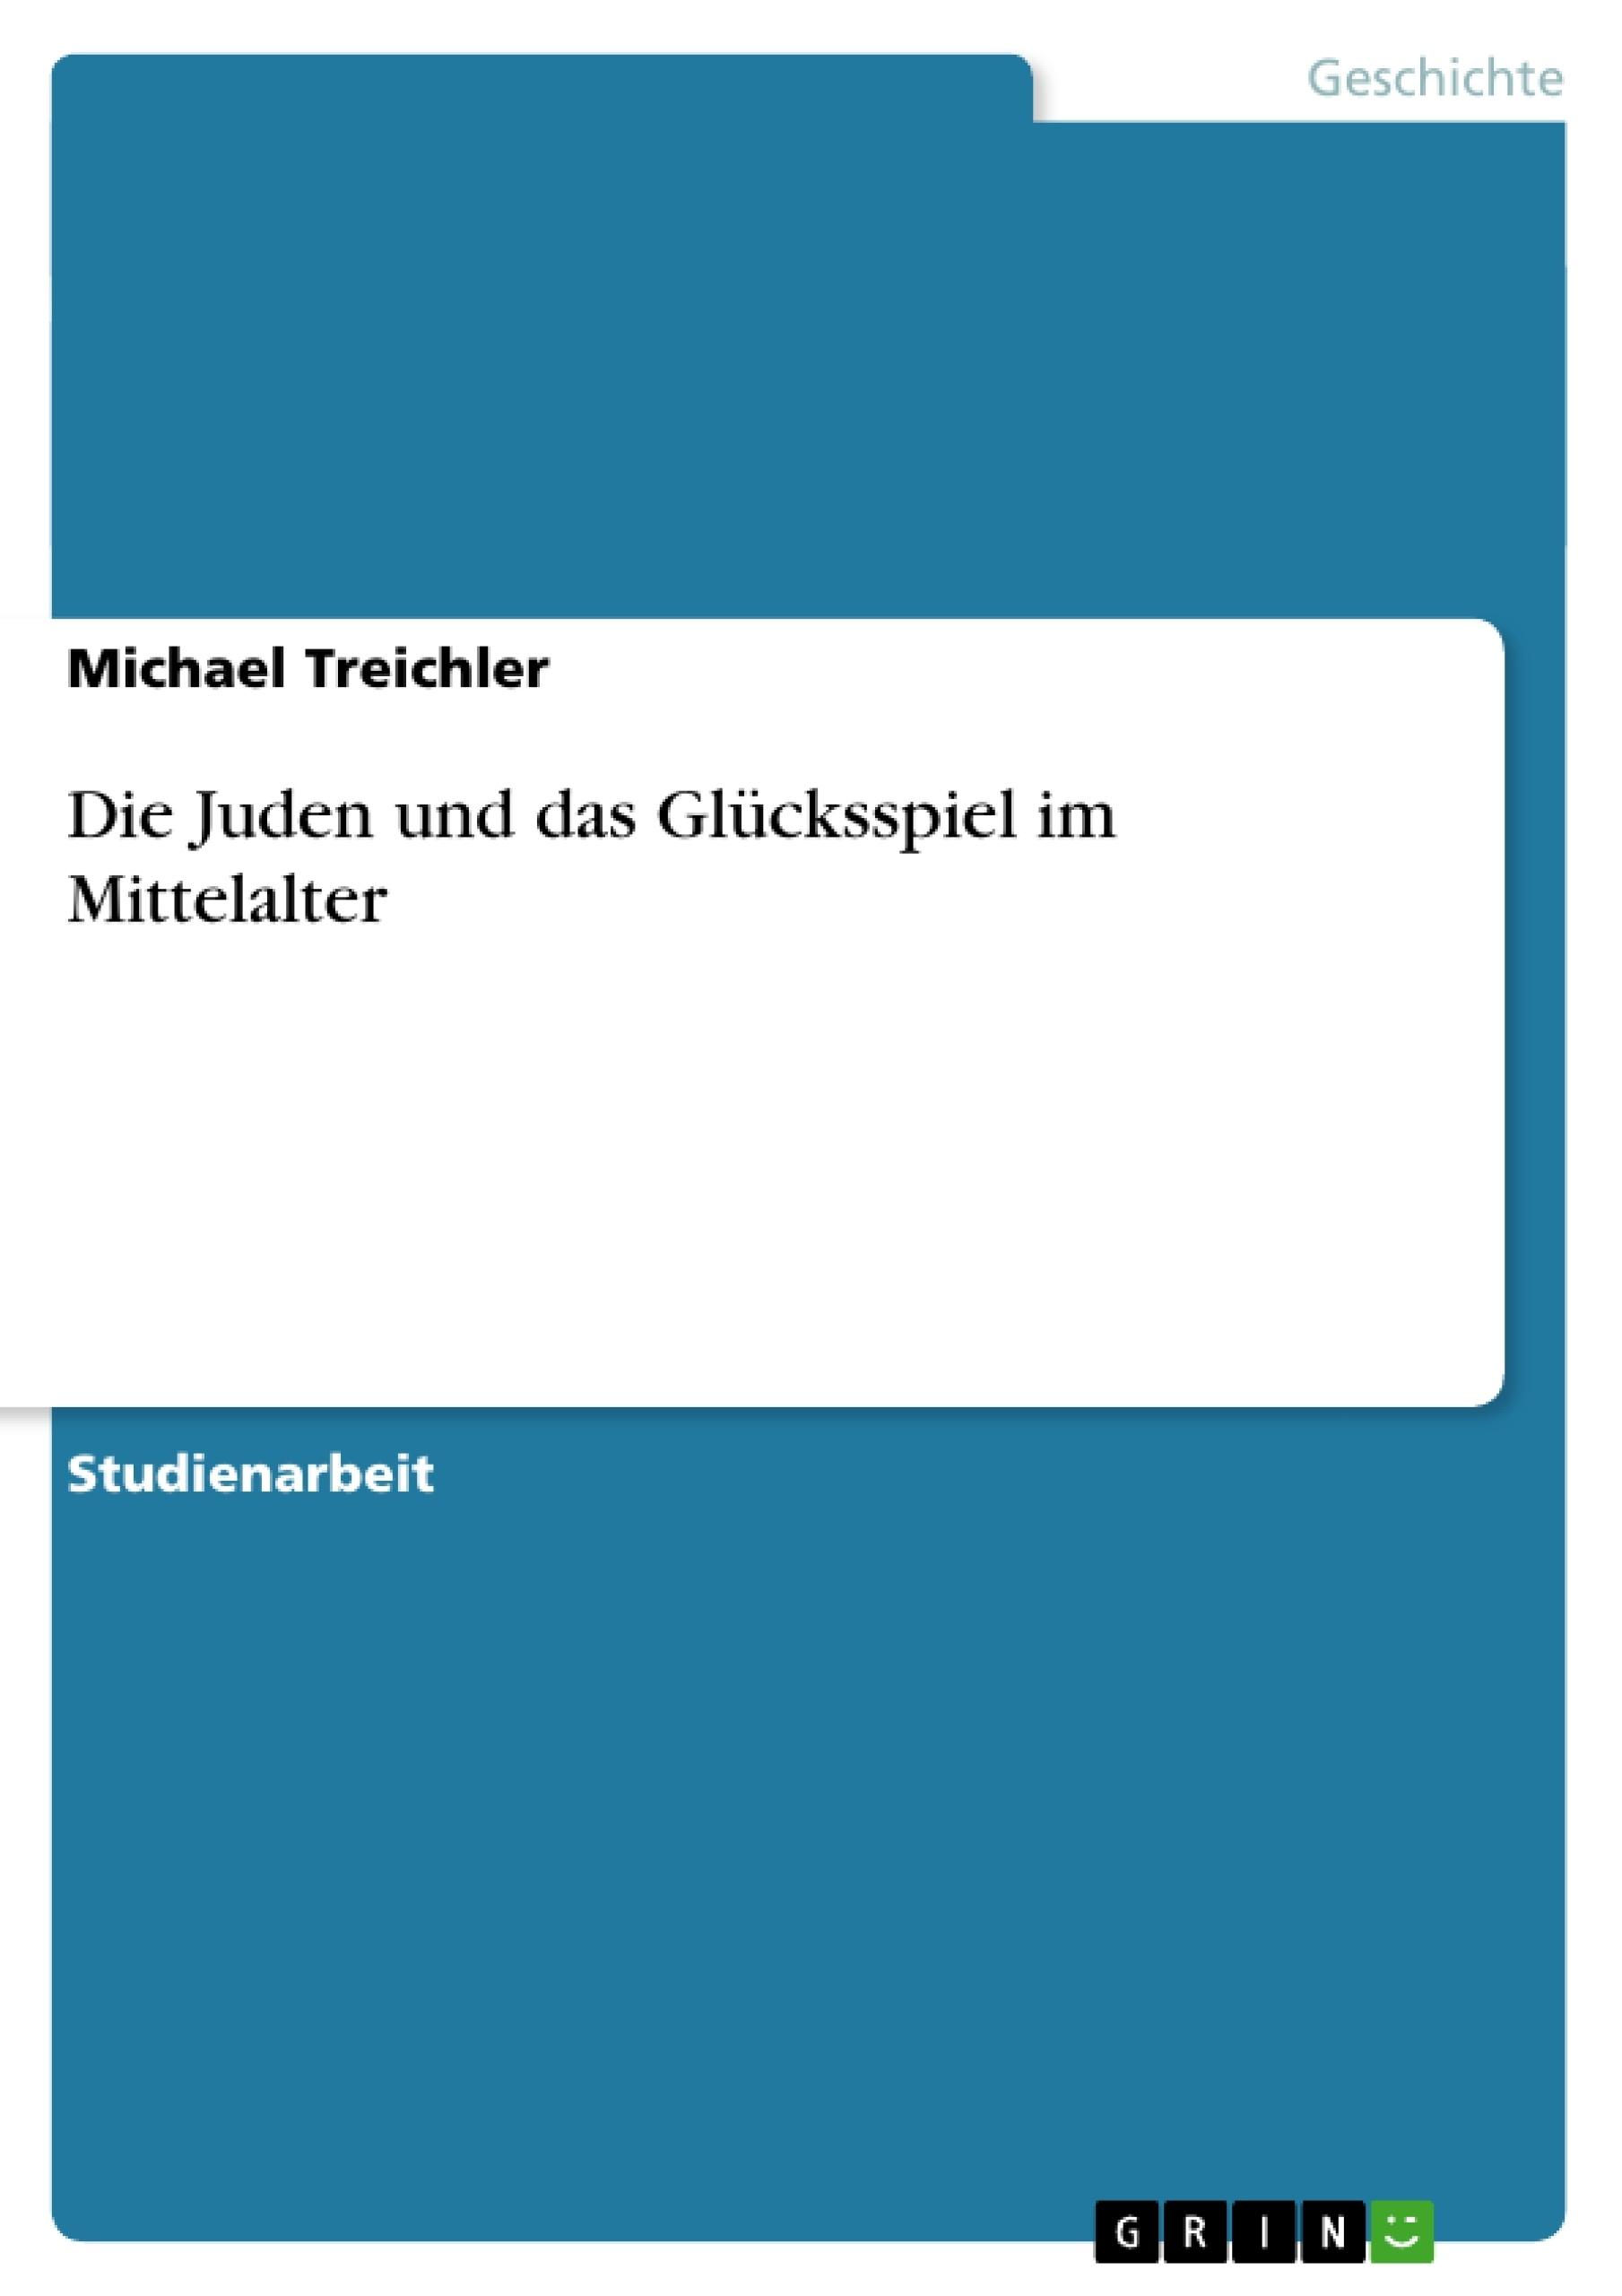 Titel: Die Juden und das Glücksspiel im Mittelalter